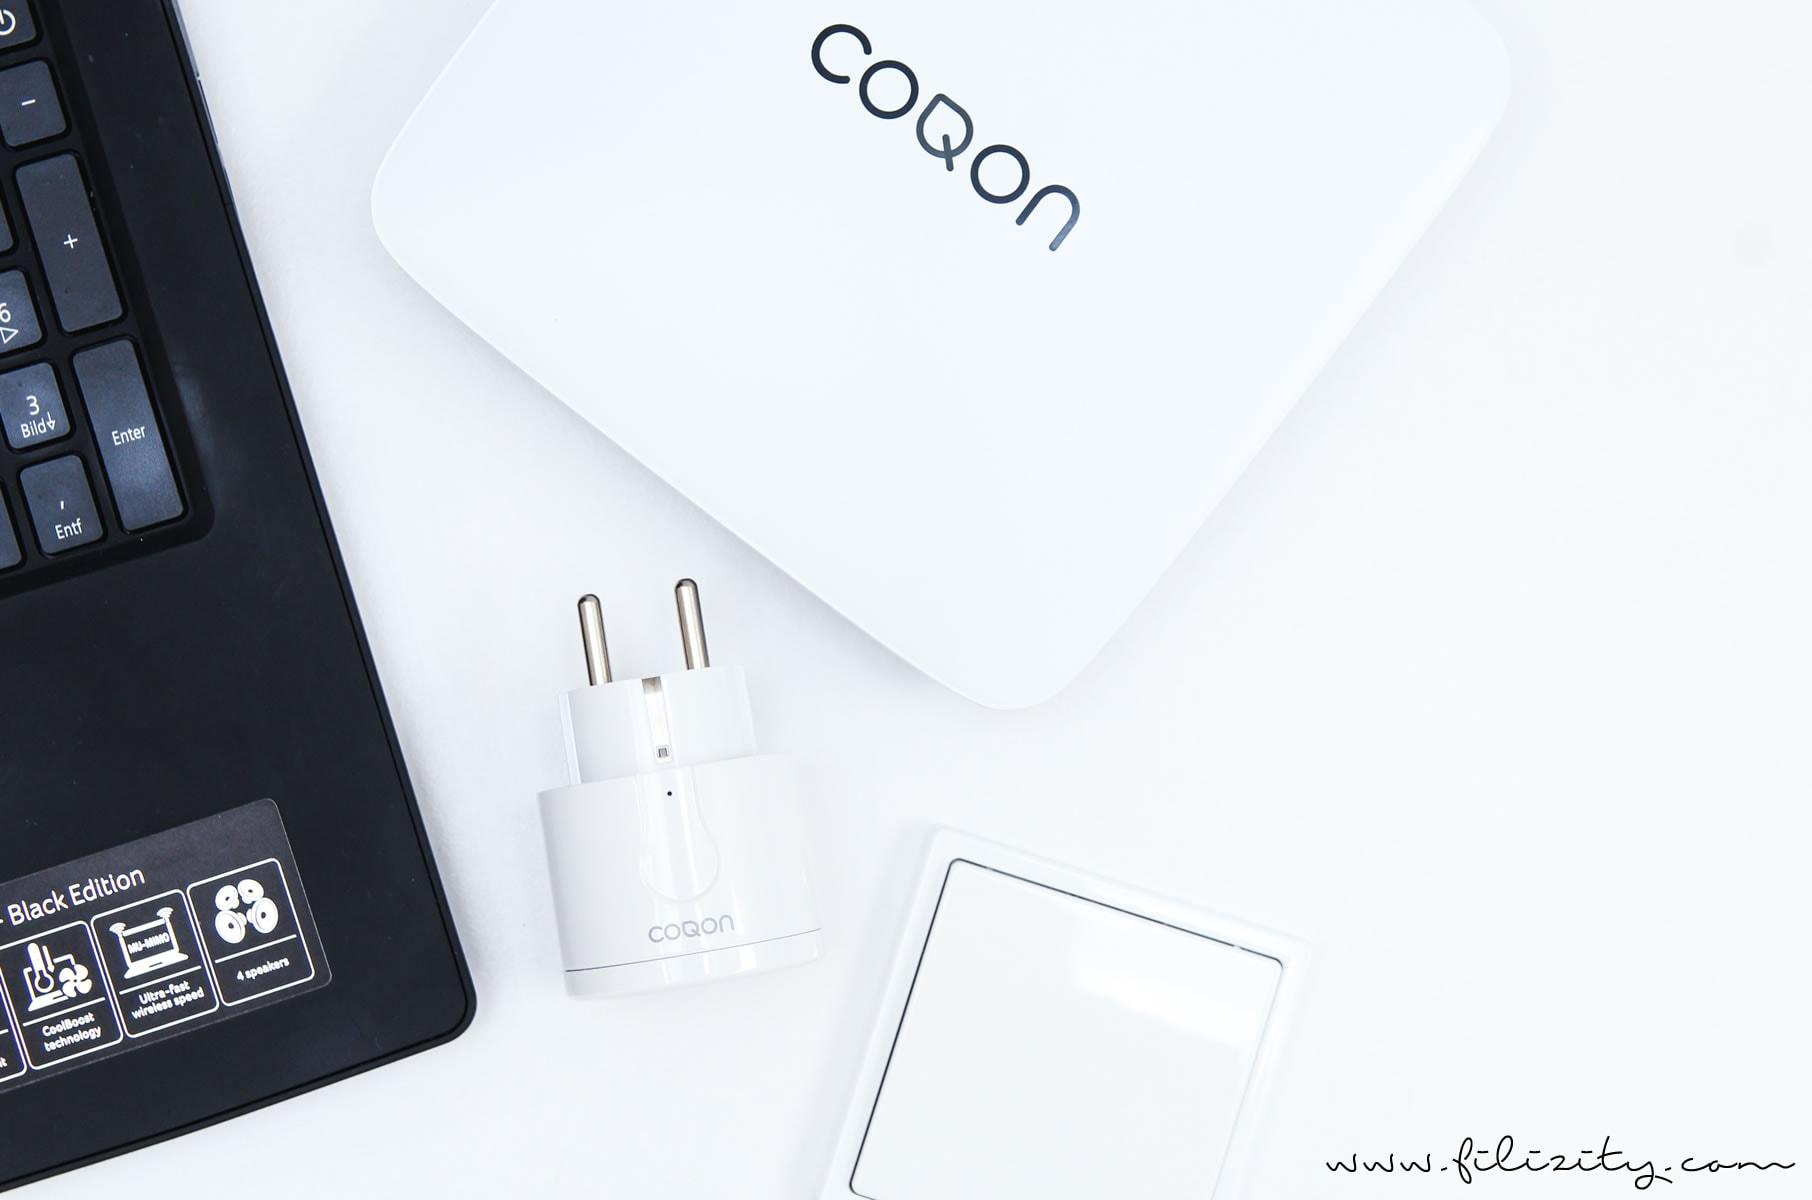 Einrichtung & Lifestyle: Intelligentes Wohnen und Arbeiten mit COQON Smart Home